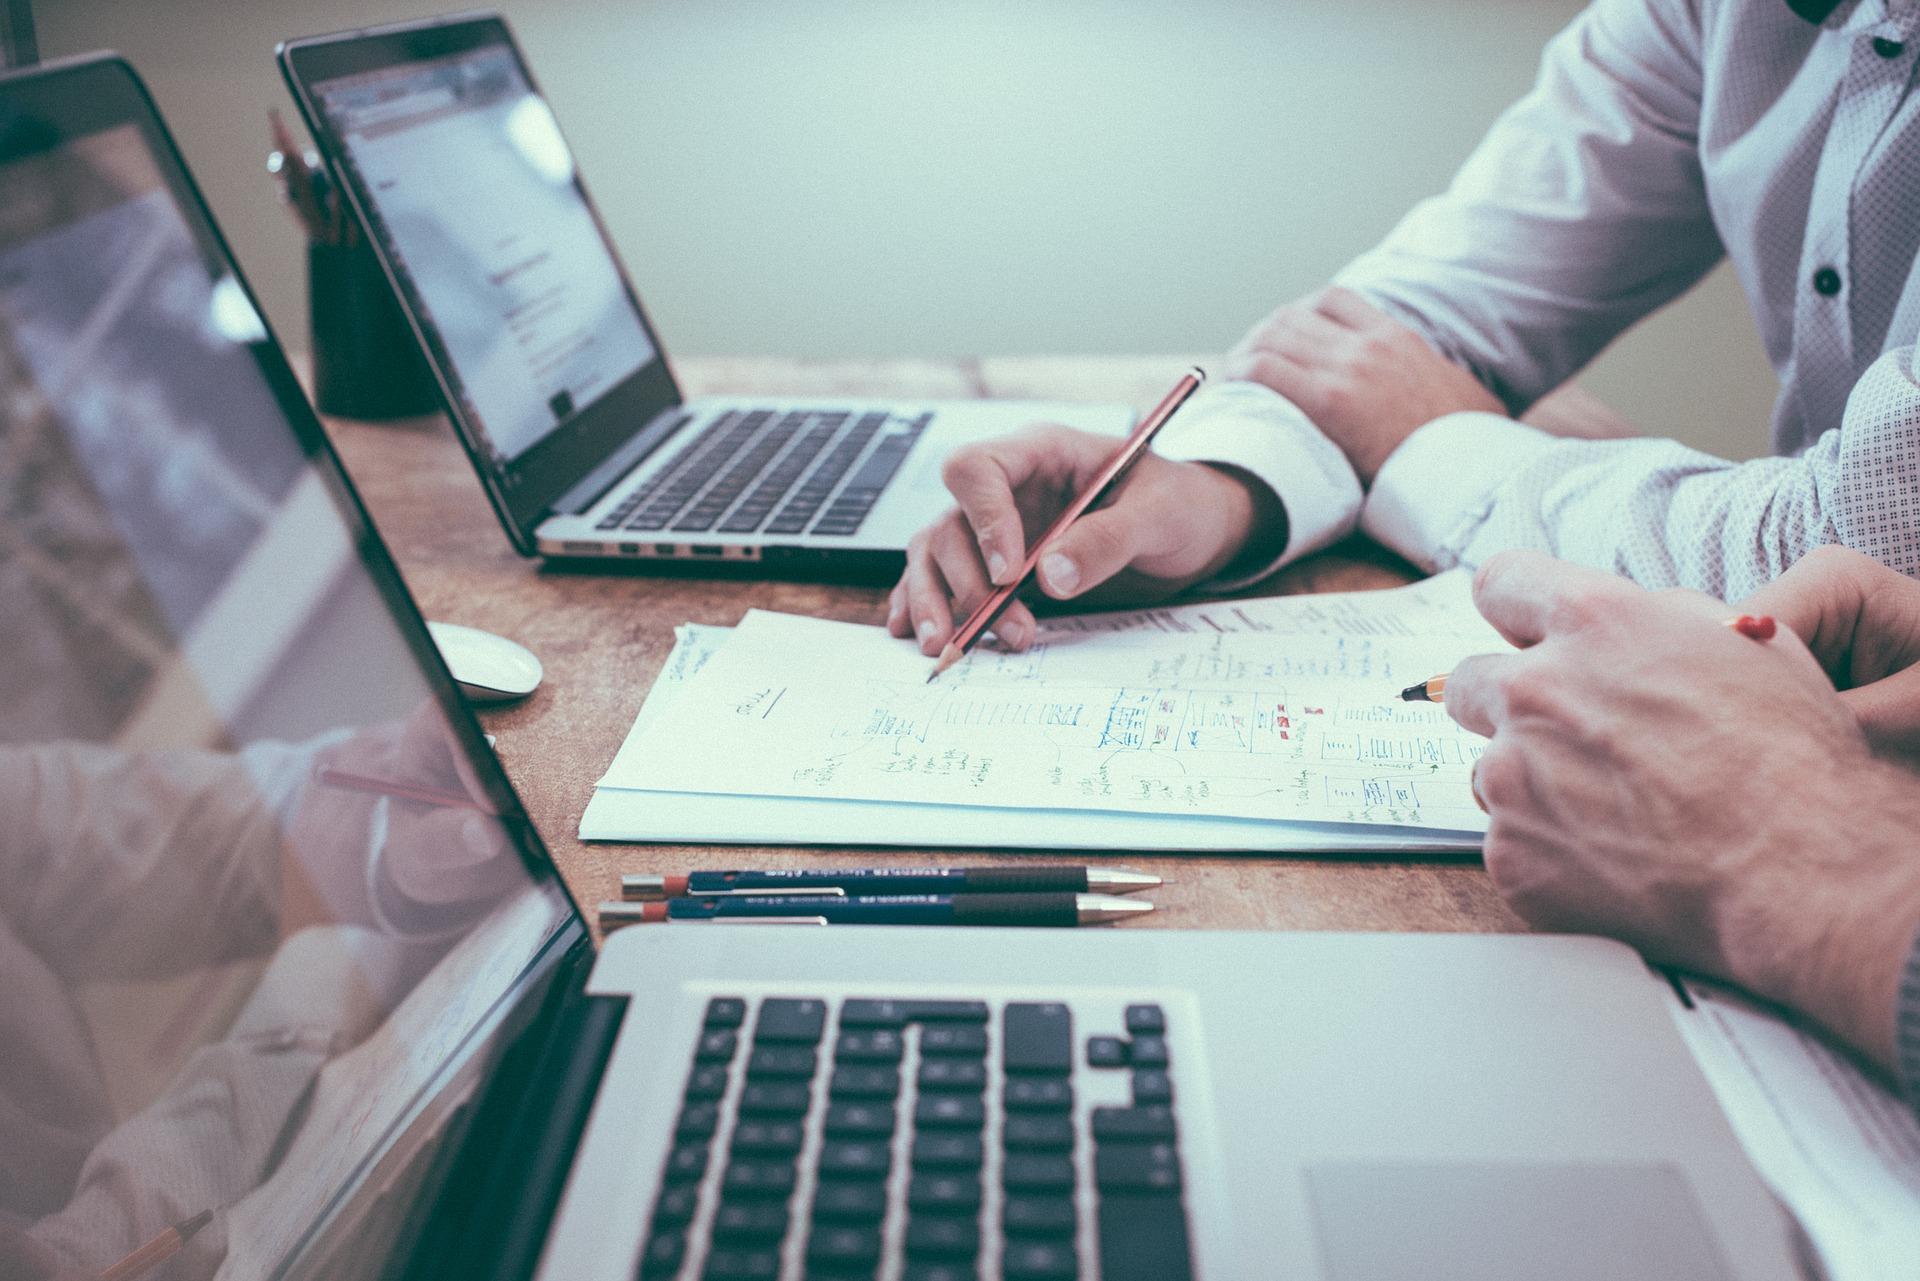 Veränderungen des unternehmerischen Umfelds – rechtliche Herausforderungen